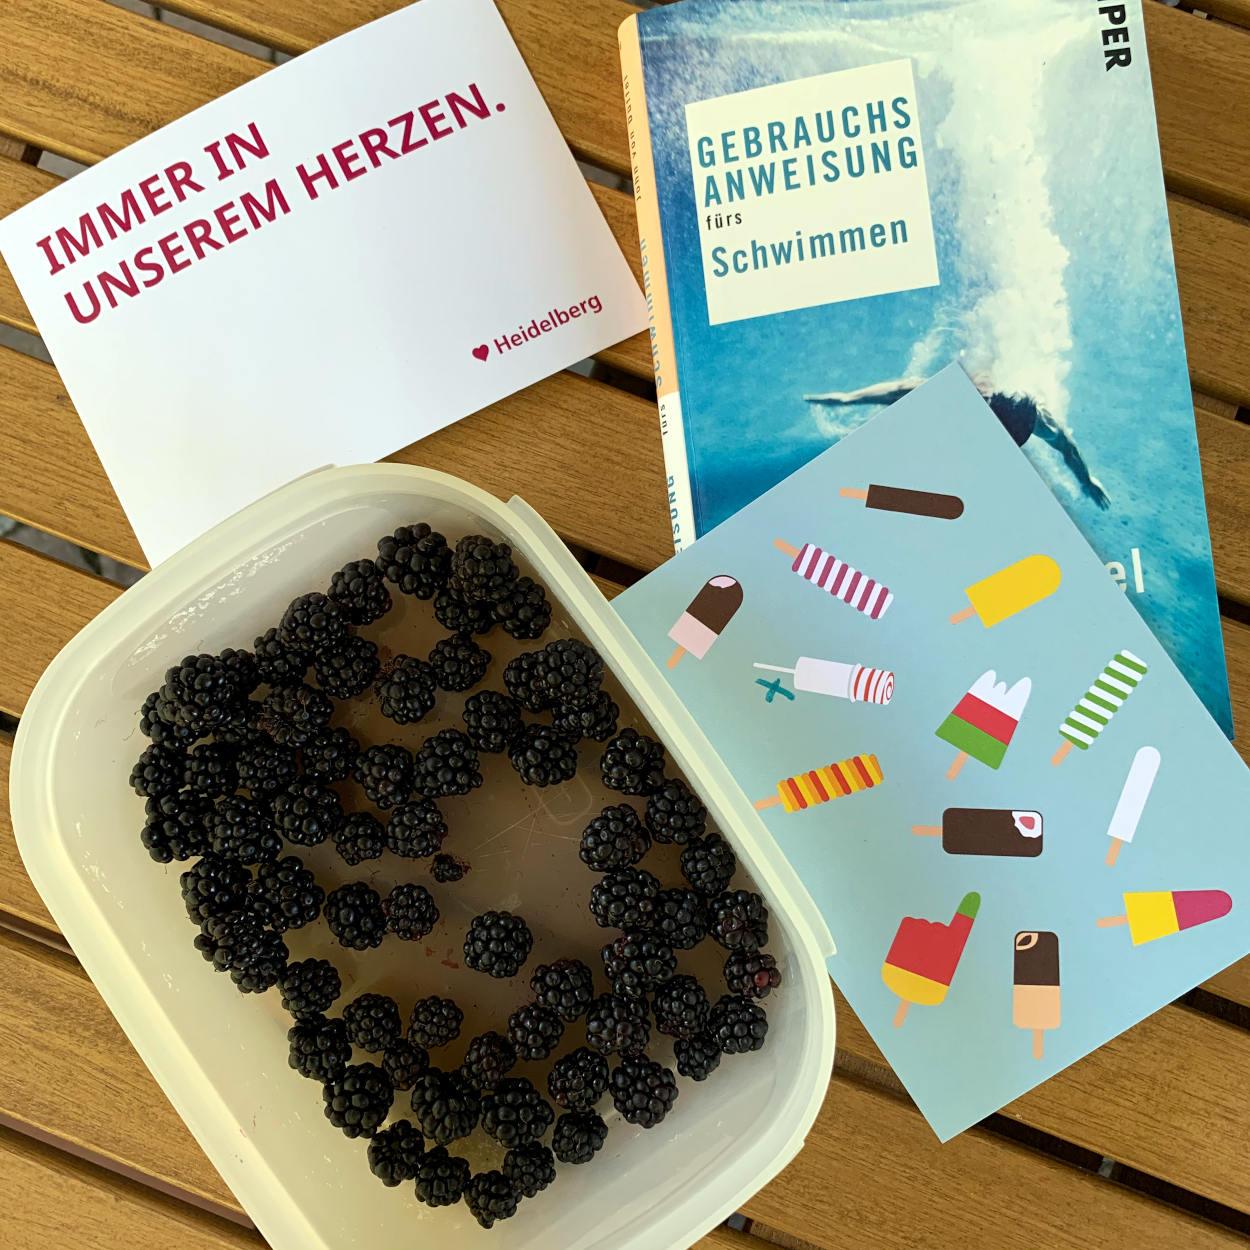 """Zwei Postkarten, eine mit Eis und eine mit der Aufschrift """"Immer in unserem Herzen - Heidelberg"""", Buch """"Gebrauchsanweisung fürs Schwimmen, eine Schale mit Brombeeren"""